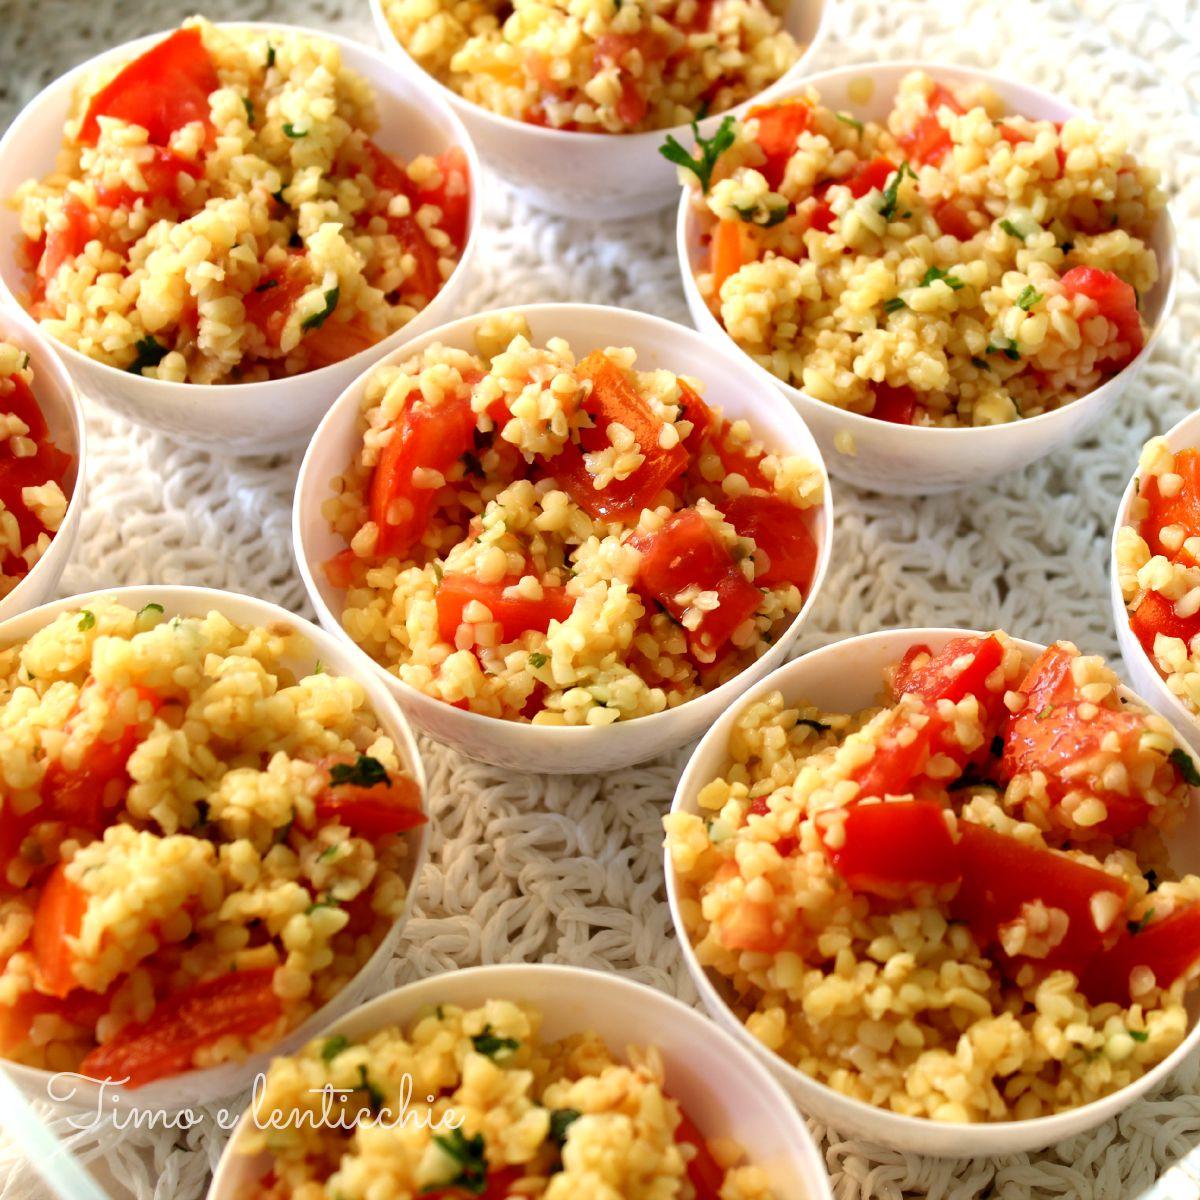 Taboul alla libanese ricetta estiva fresca e veloce con - Cucinare olive appena raccolte ...